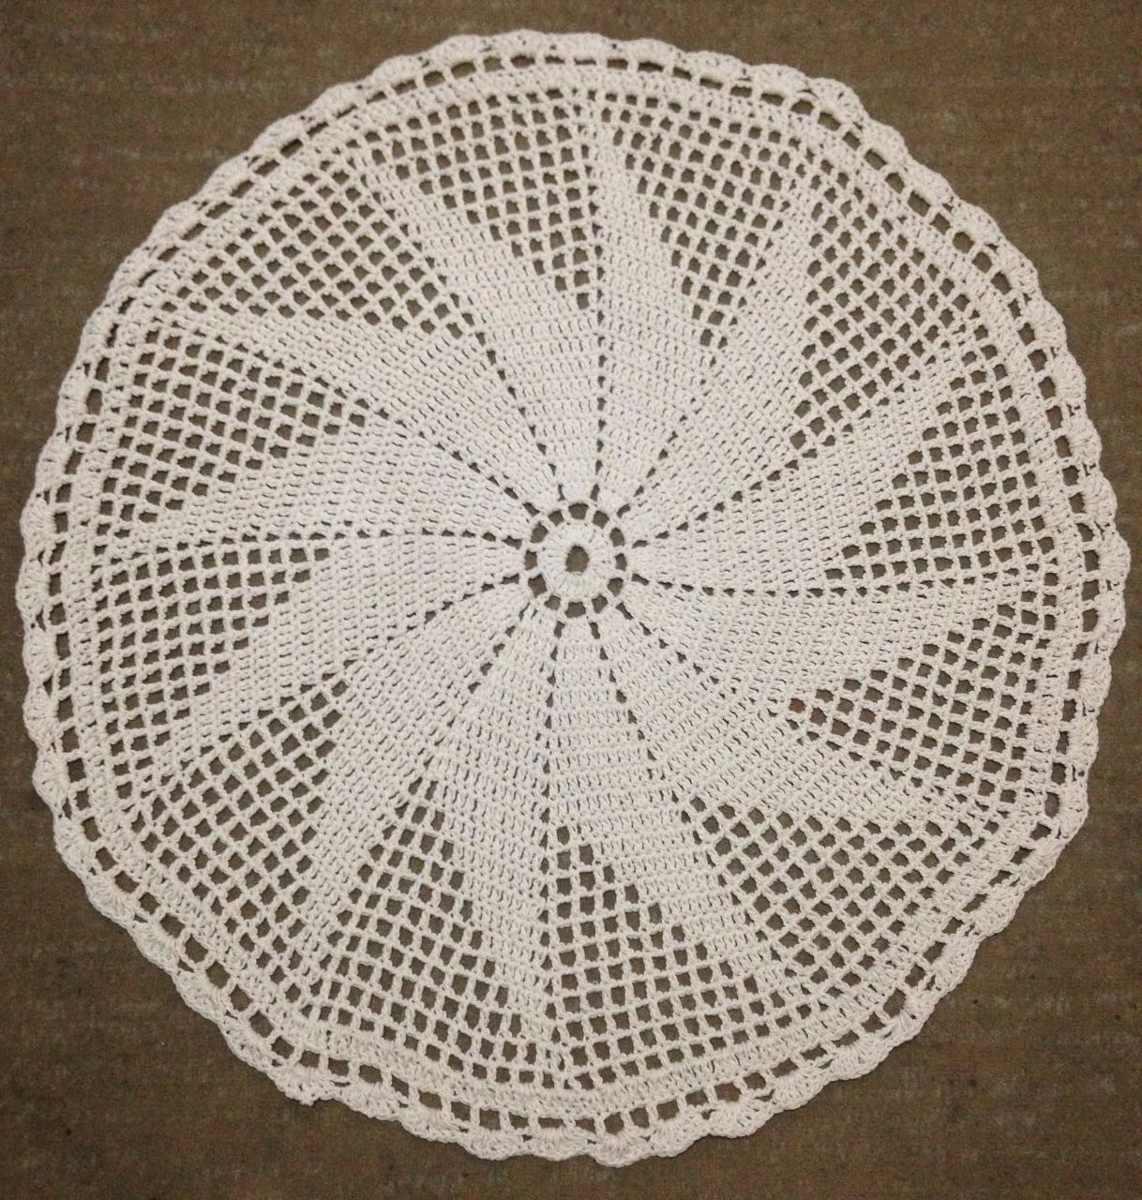 Tapete De Croche Em Barbante Redondo 90cm R 80 00 Em Mercado Livre -> Tapete De Croche Redondo Passo A Passo